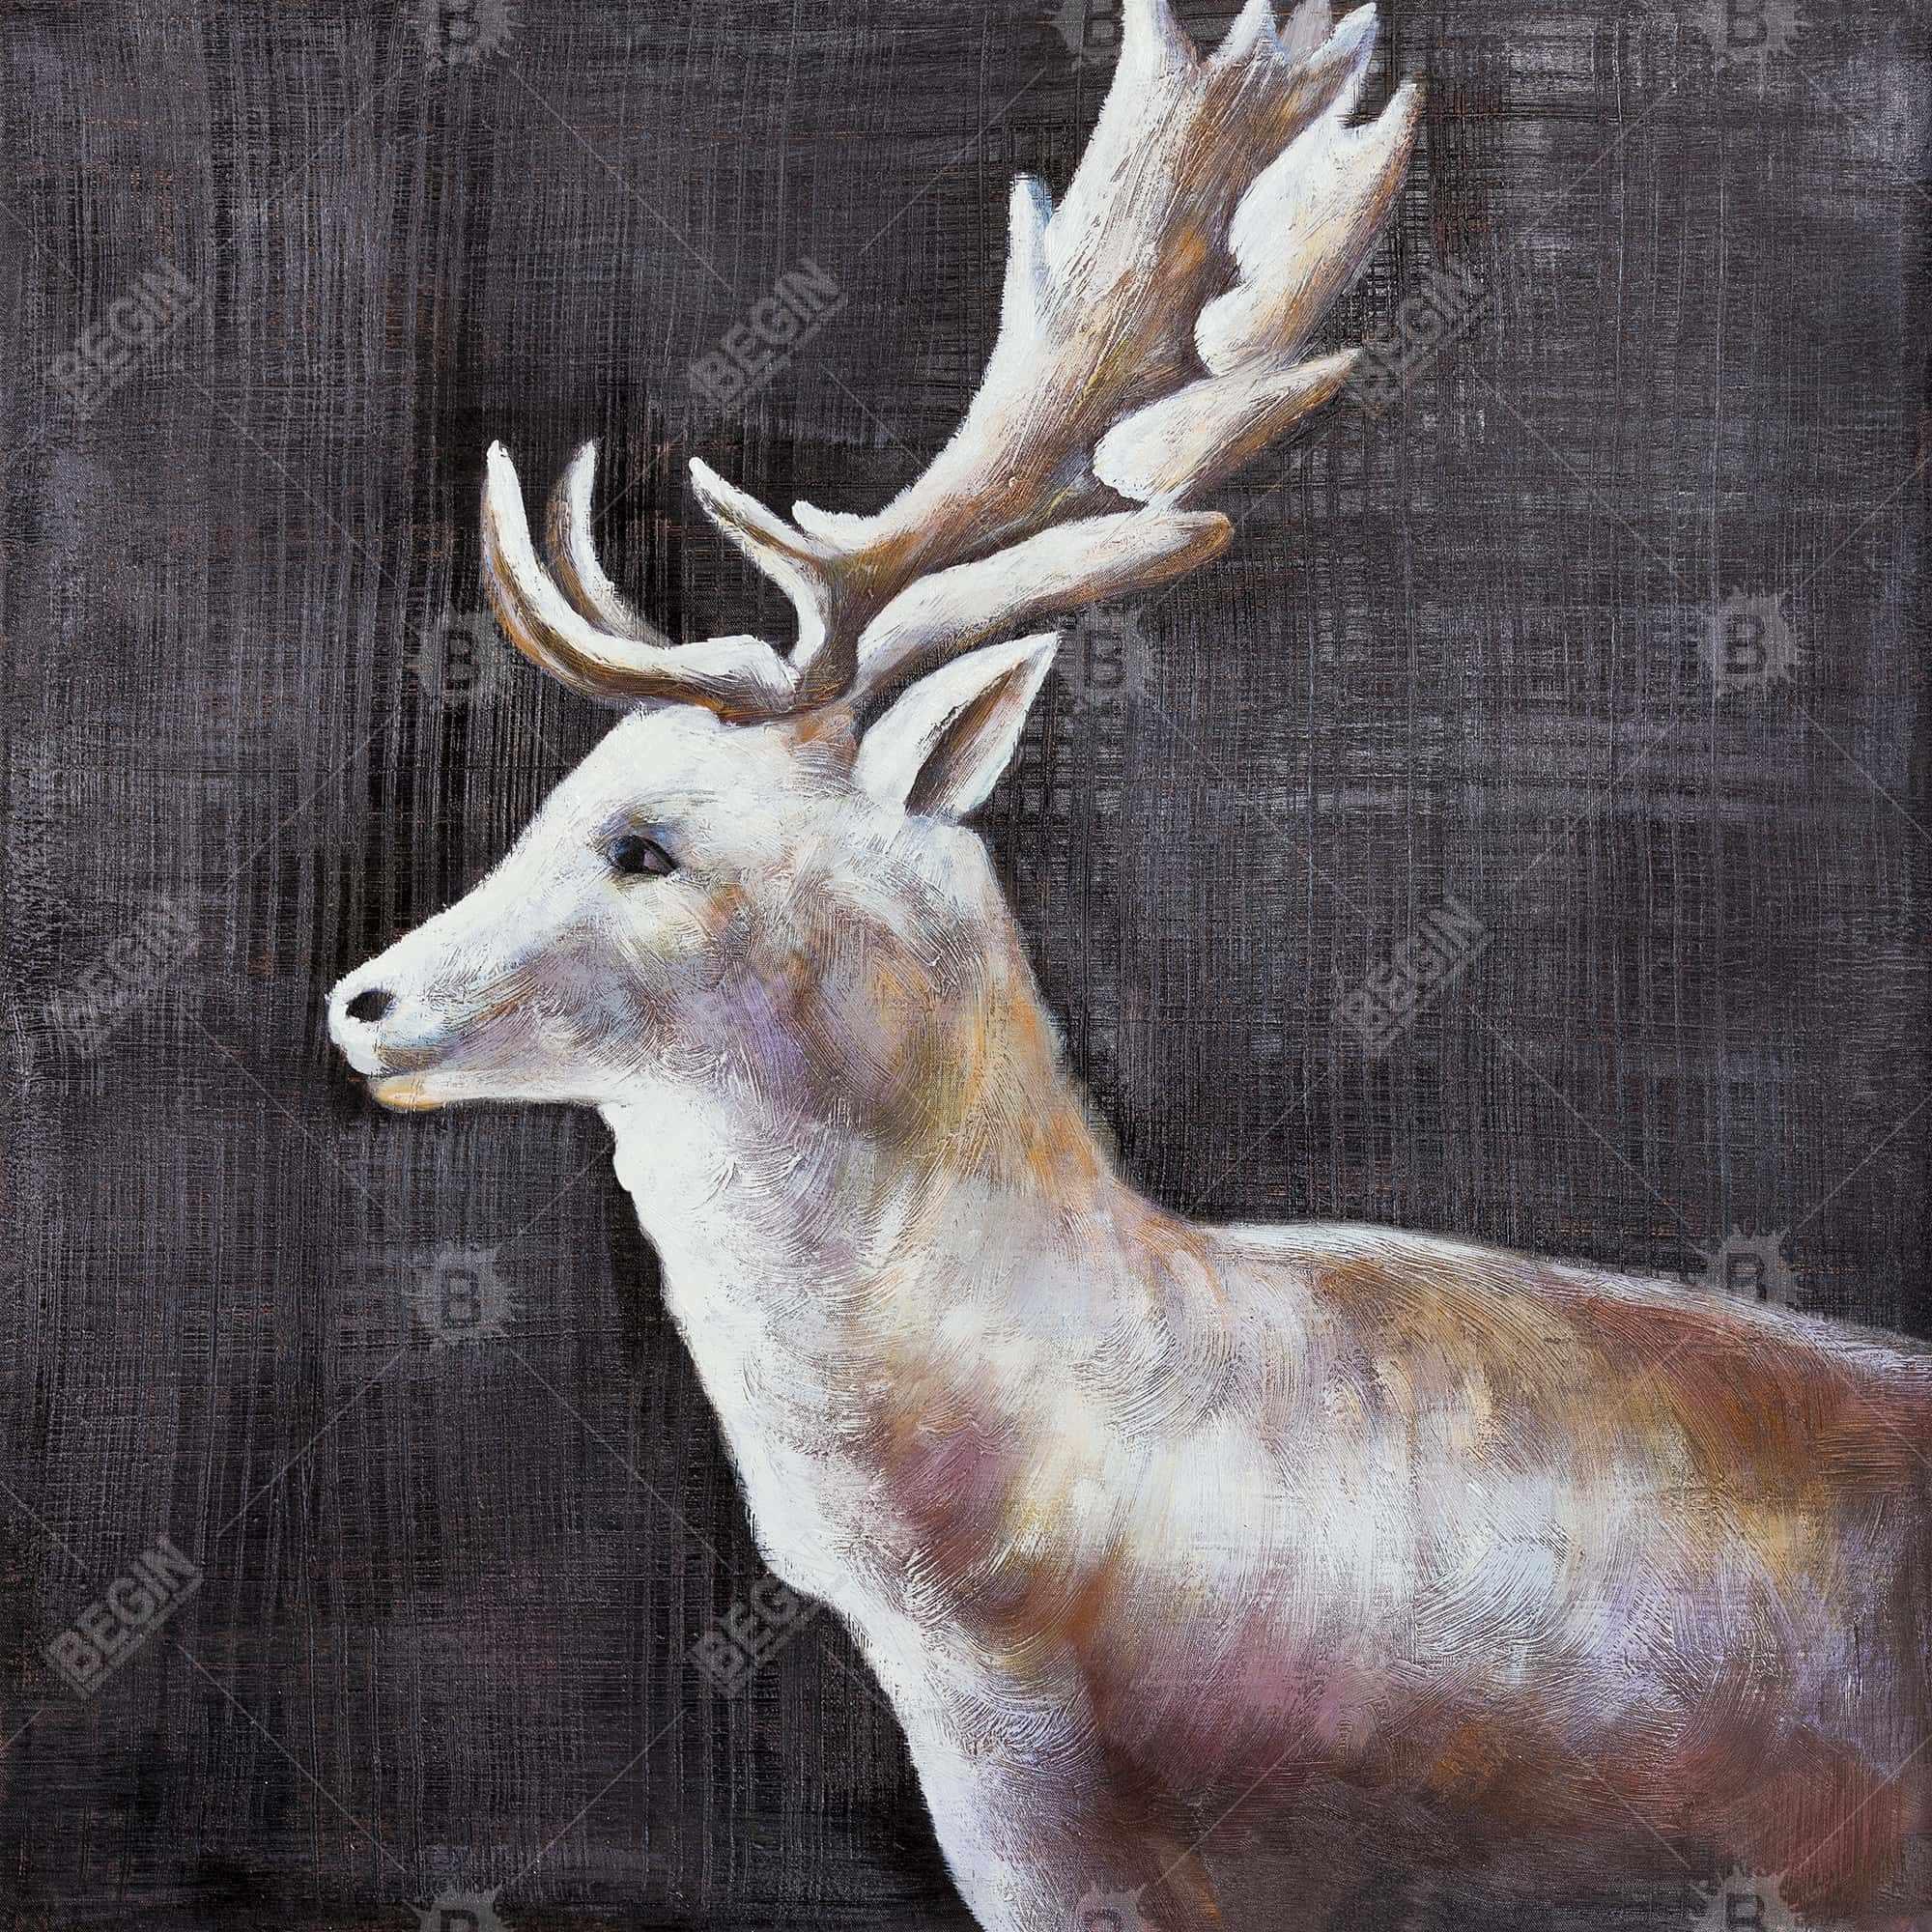 Deer profile view in the dark